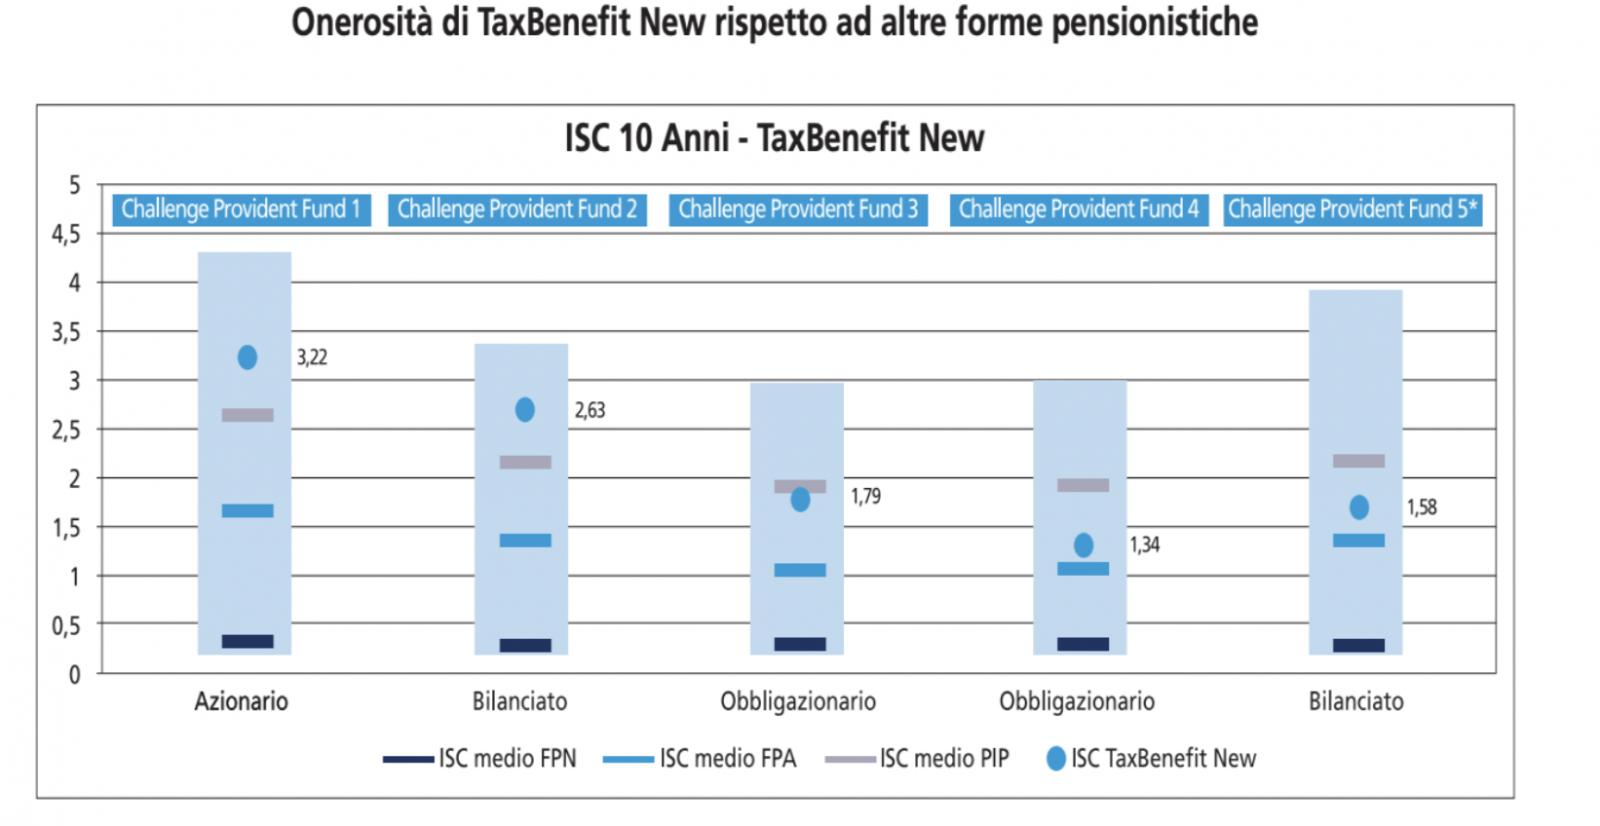 Onerosità di TaxBenefit New